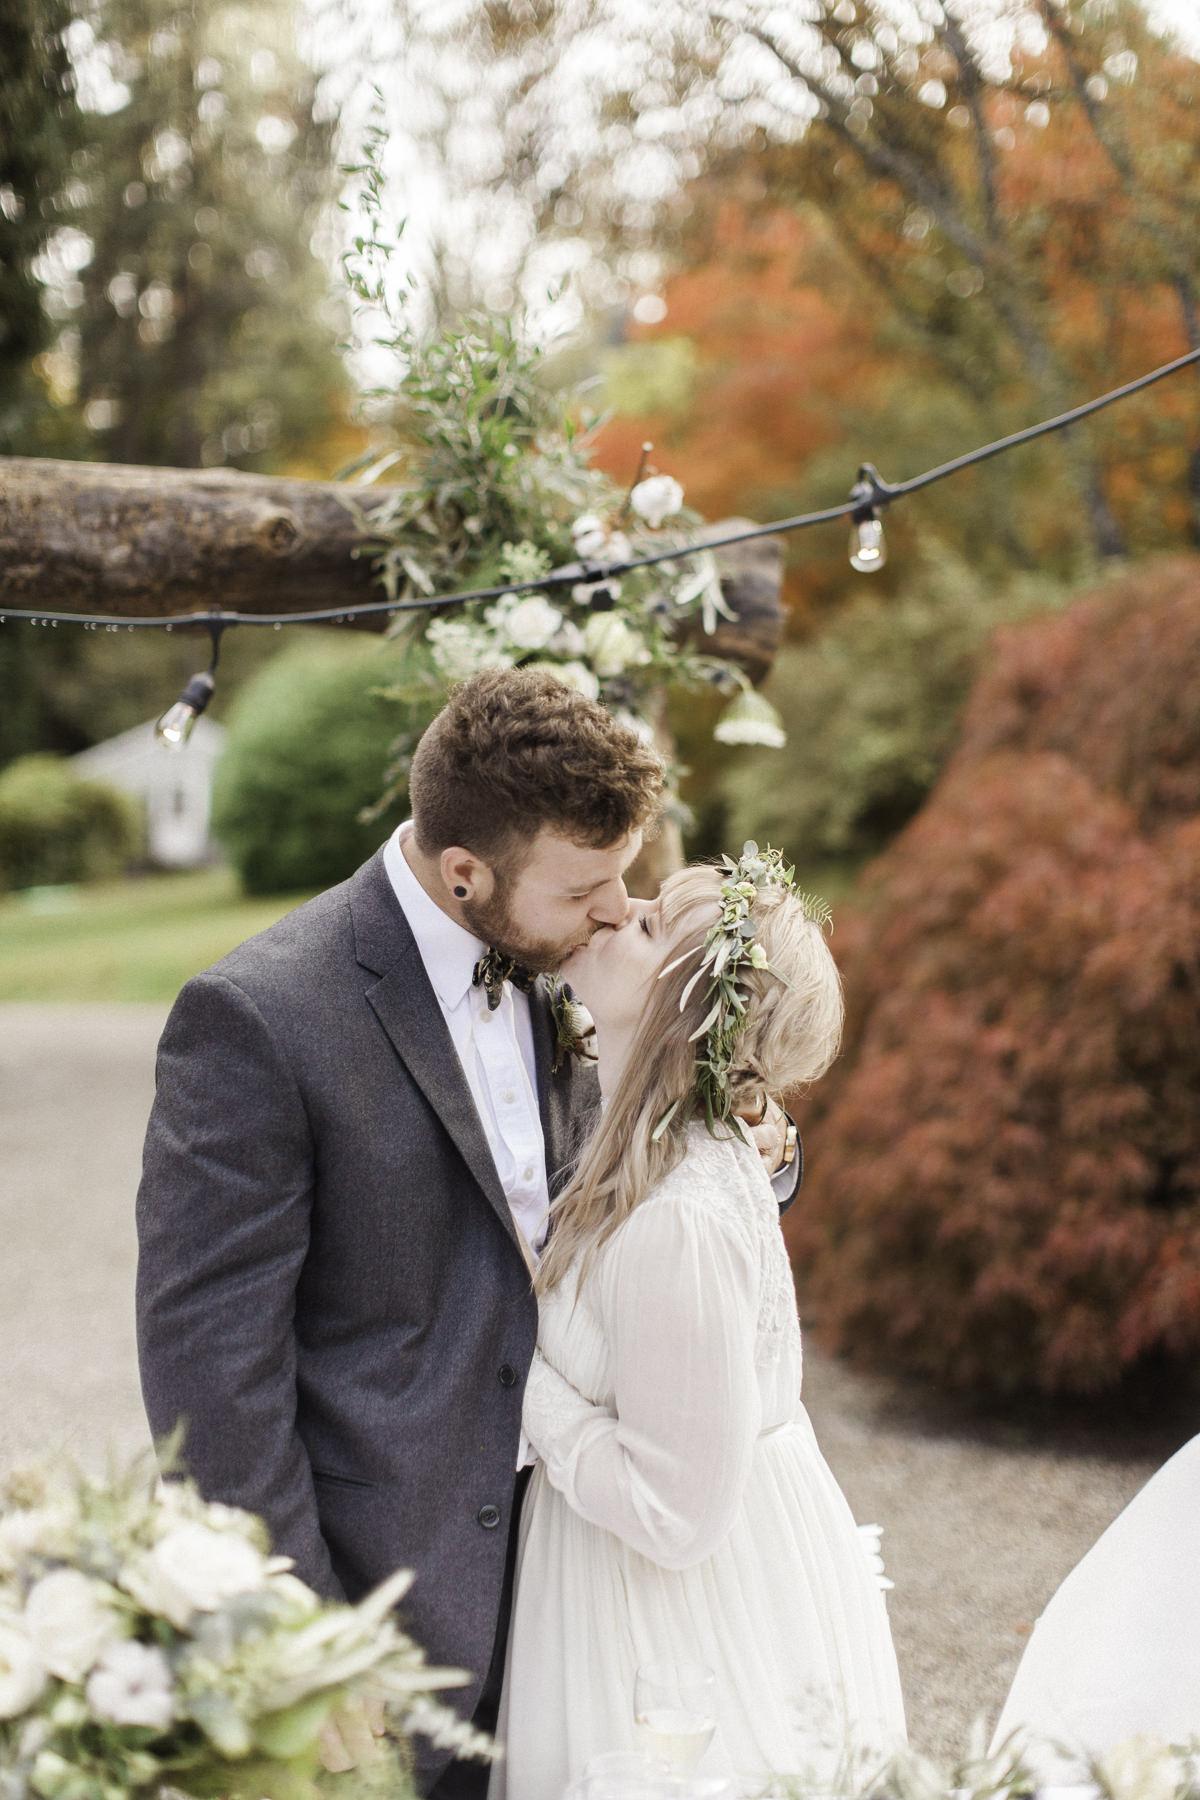 Matt-and-Chelsey-Nelson-wedding-39.jpg